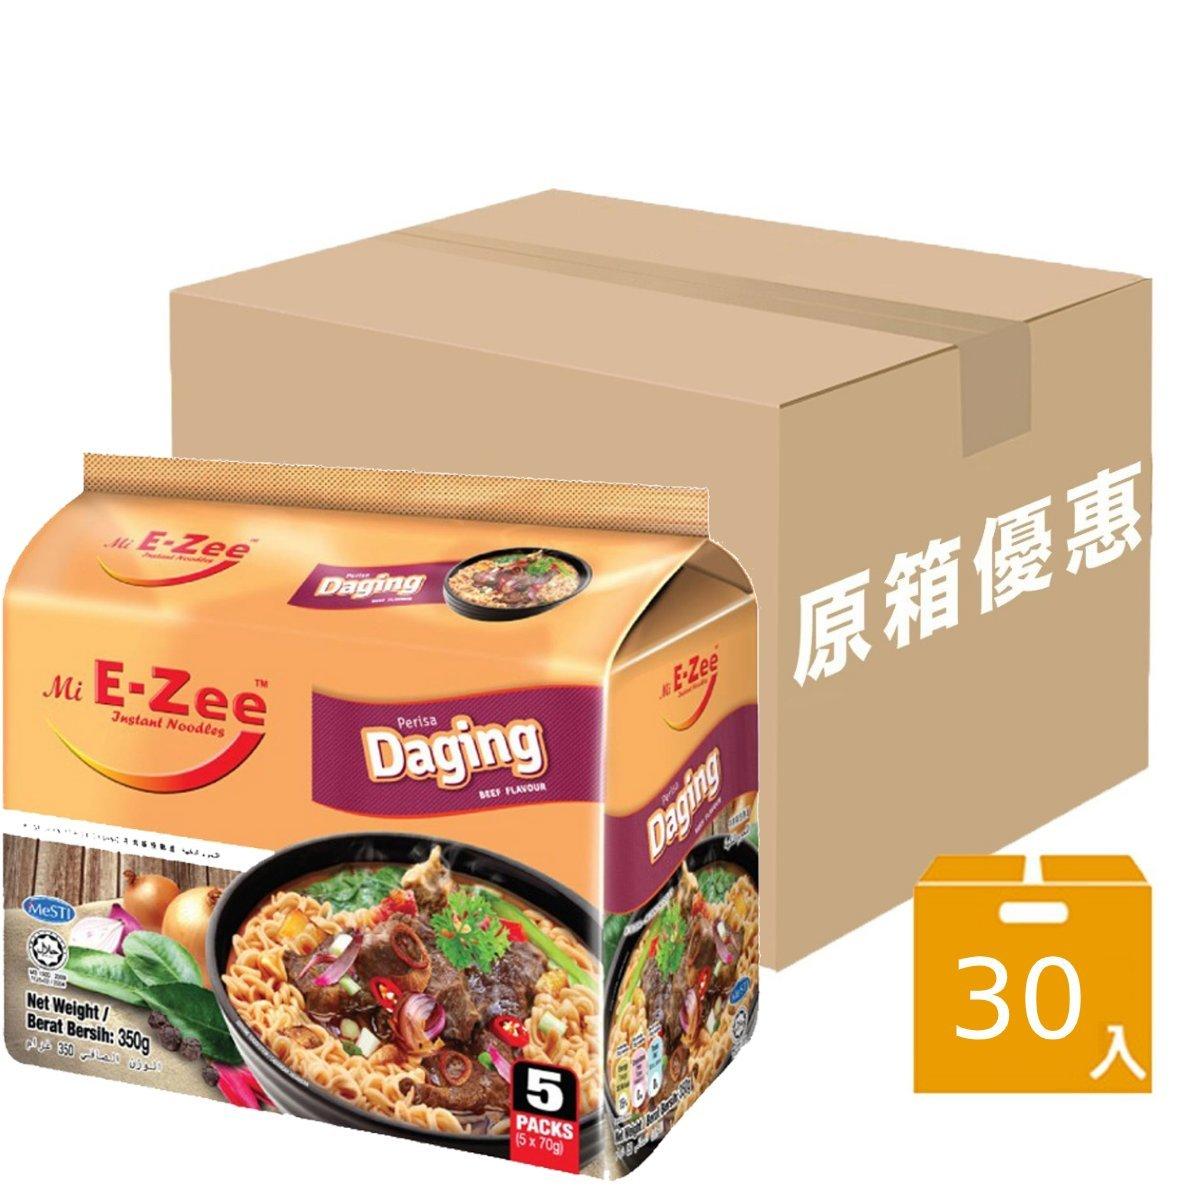 牛肉味方便麵 70g (原箱) 6 Packs x 5 共30包